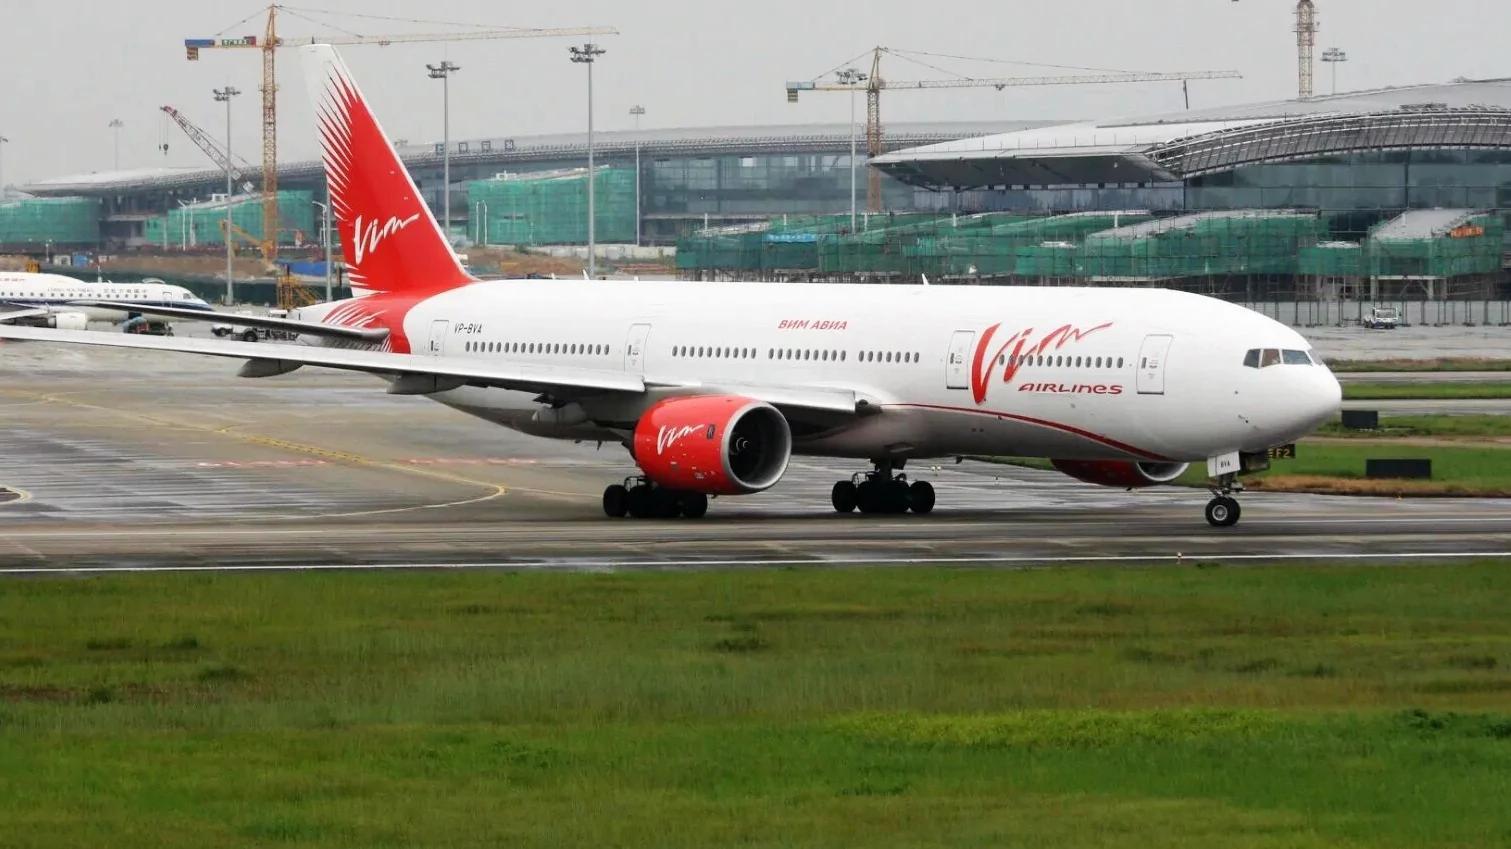 3100中国游客滞留俄机场 维姆航空高层被逮捕